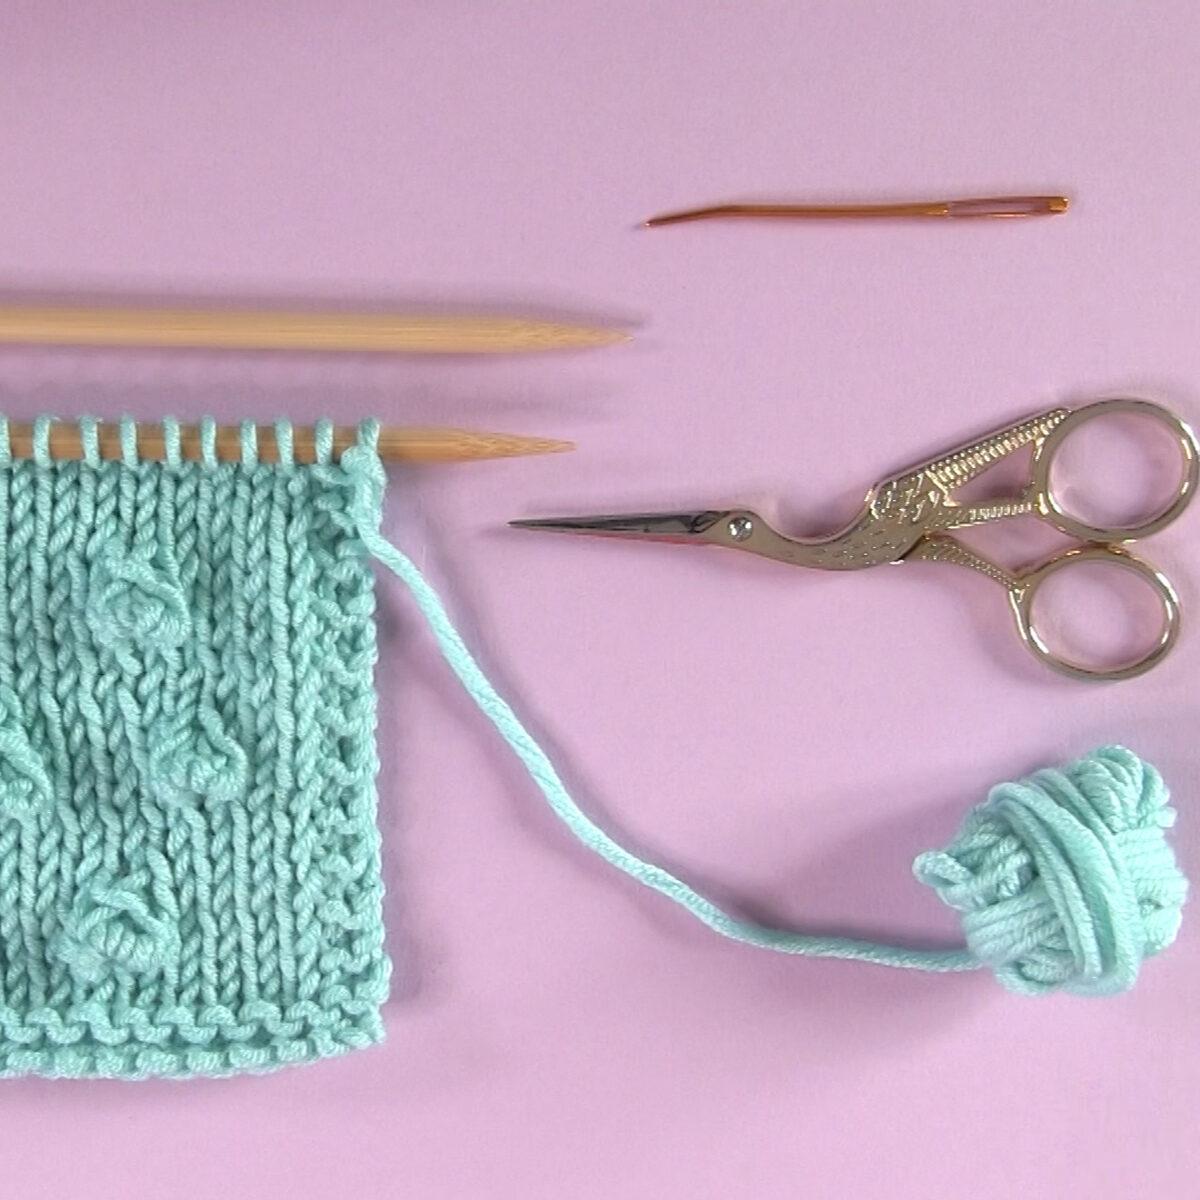 Materijali za pletenje uzorkom Bobble Stitch u svijetloplavoj boji pređe, igle za pletenje, škare i iglu za tapiserije.